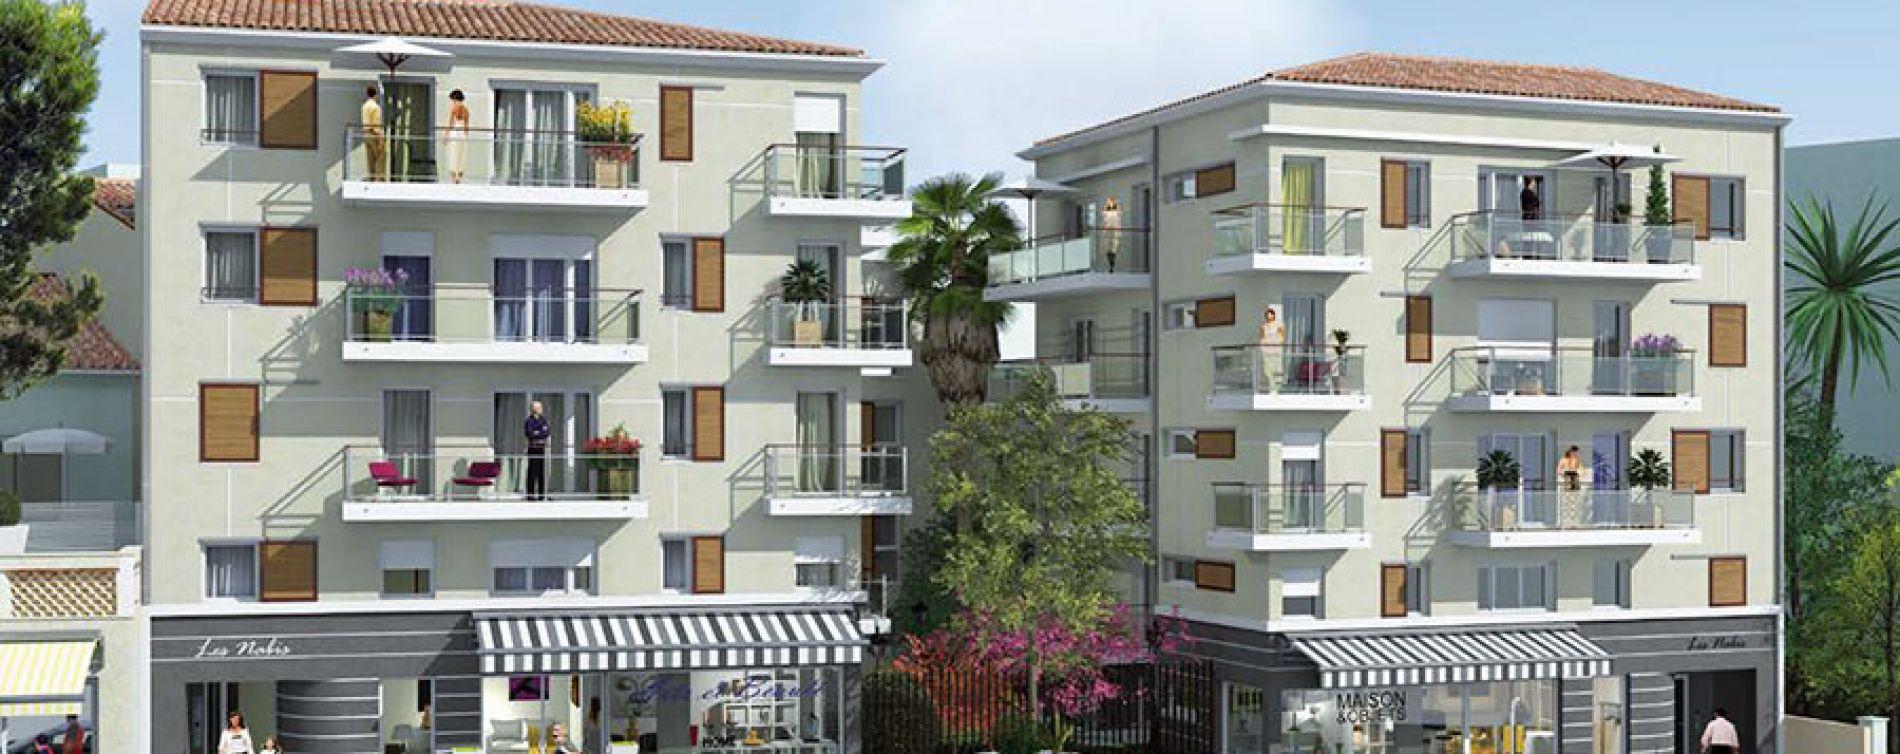 Le Cannet : programme immobilier neuve « Les Nabis » en Loi Pinel